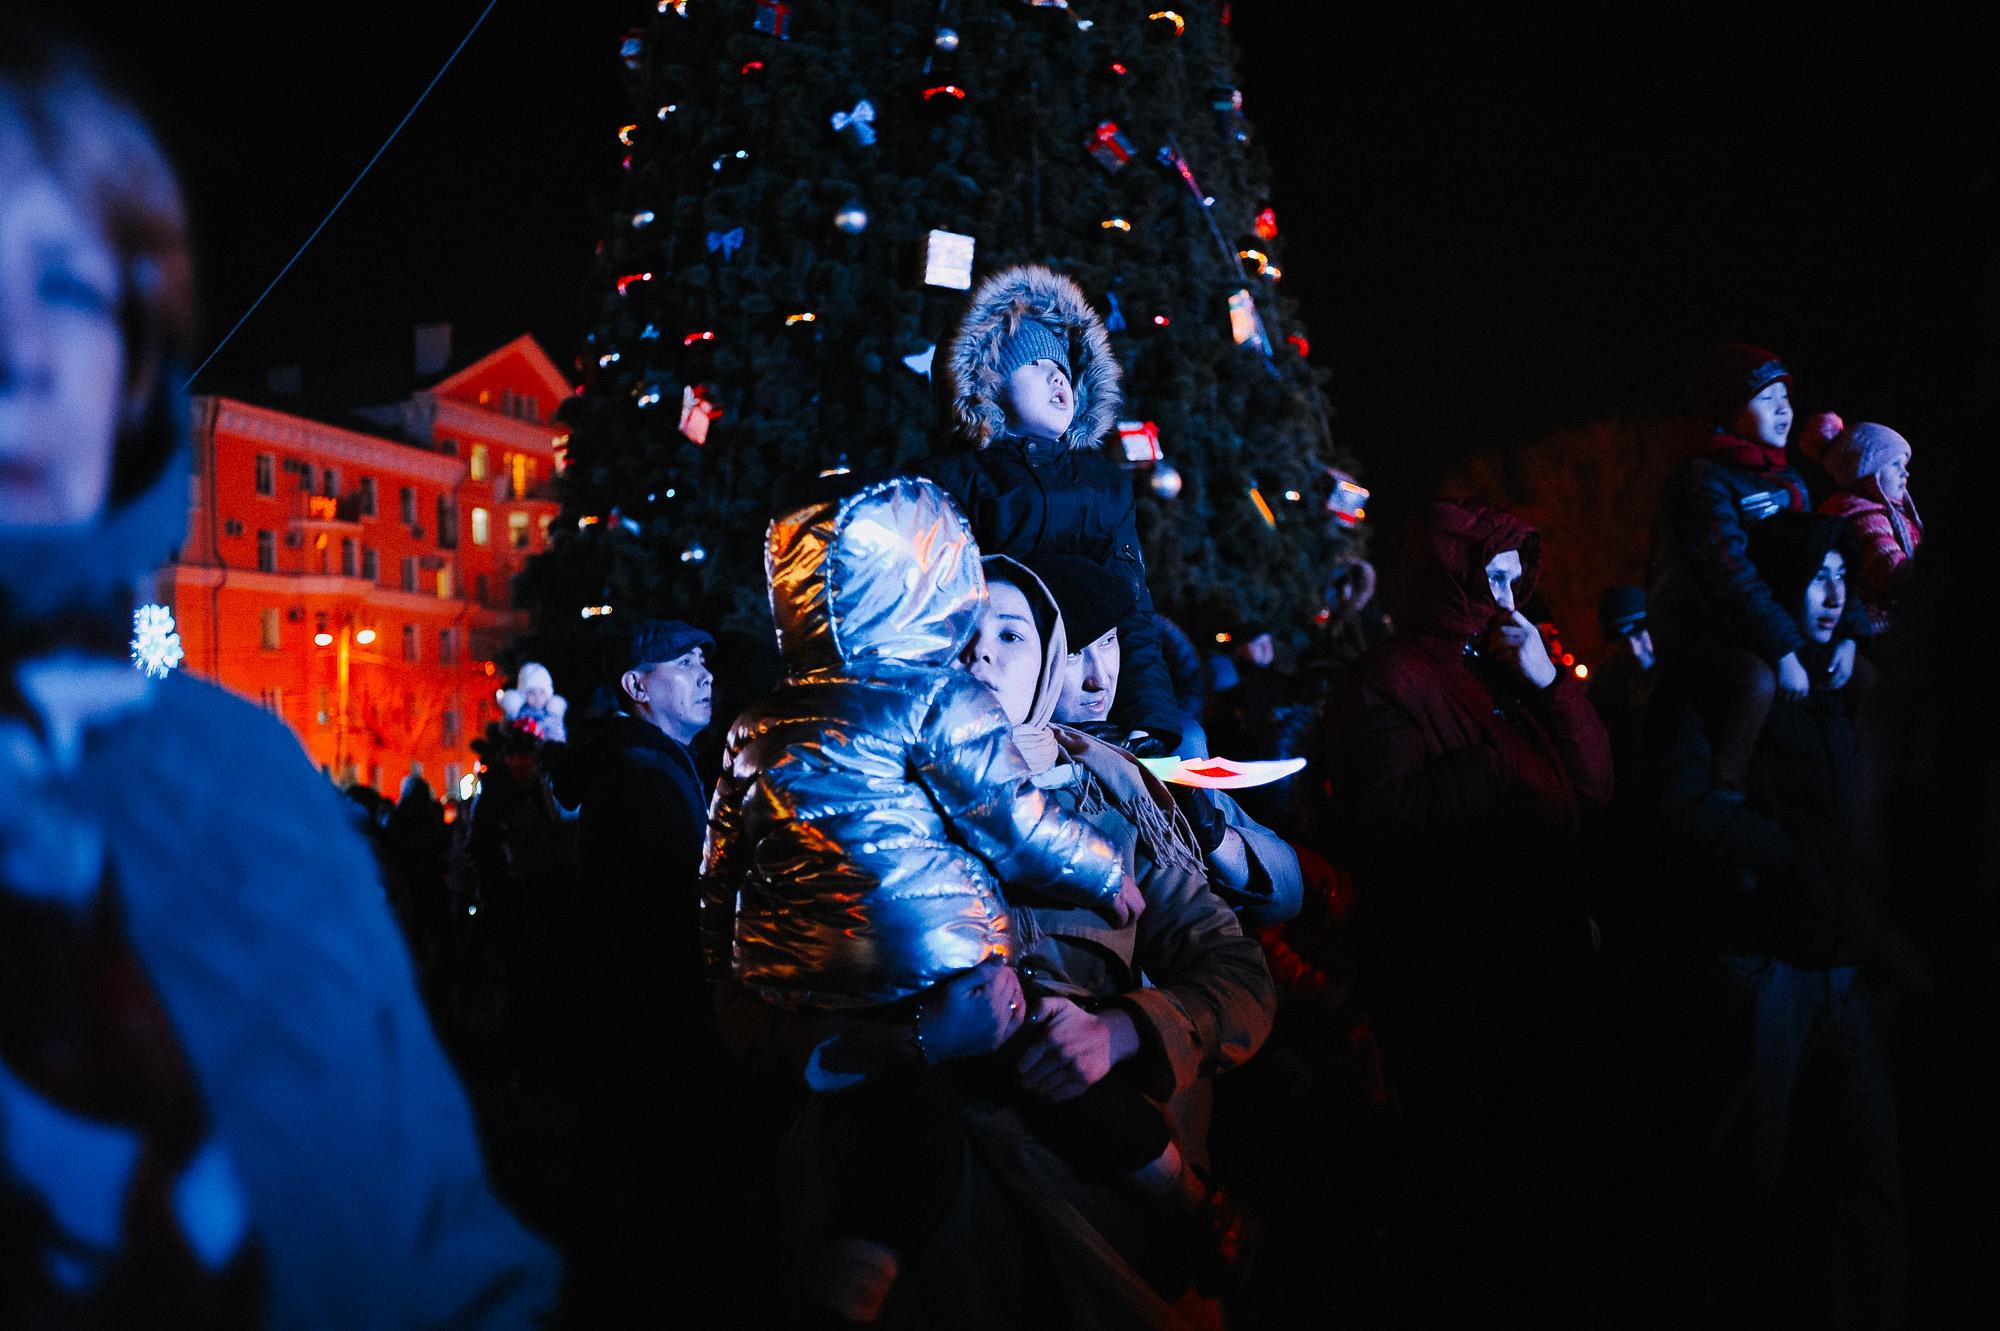 ZZZ 6842 В Астрахани на площади Ленина зажгли новогоднюю елку: кадры торжества